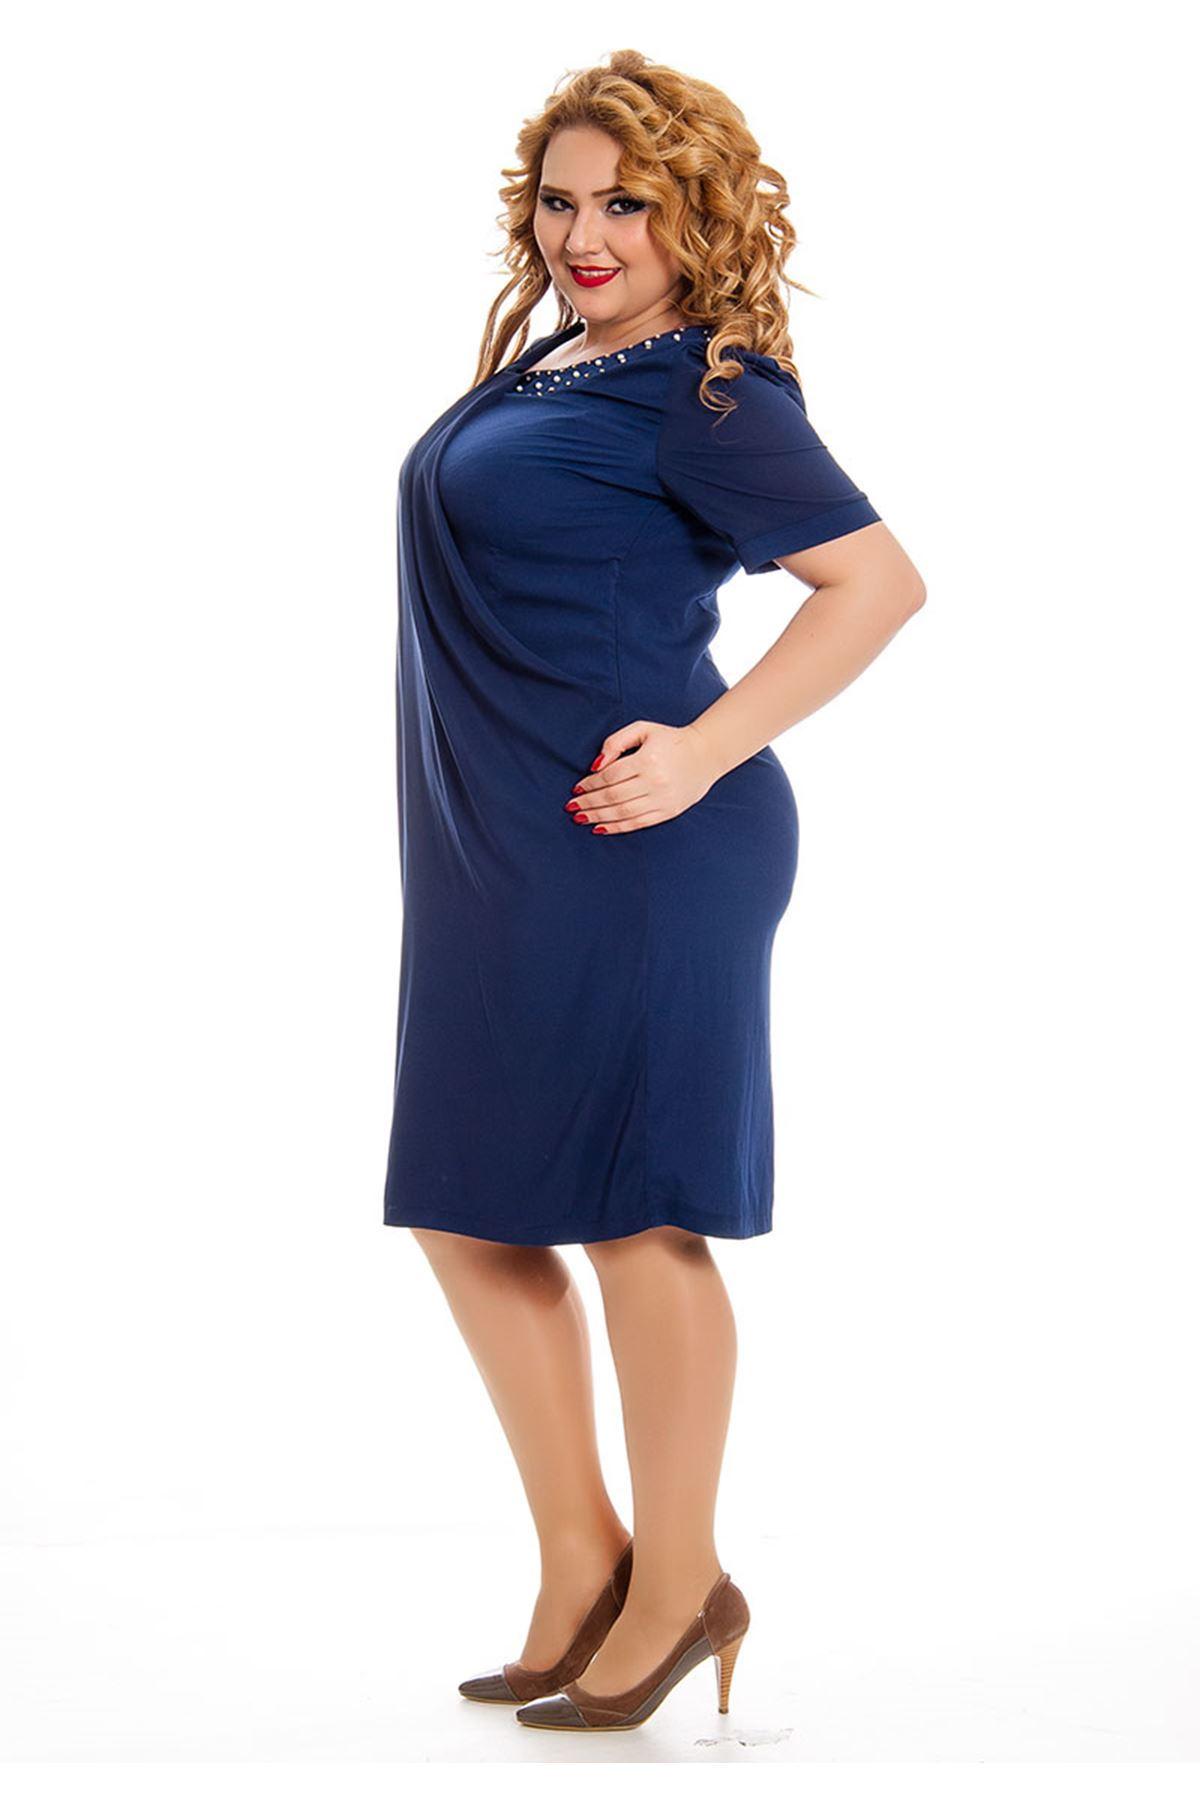 Büyük Beden Yaka Taşlı Şifon Detaylı Kadın Elbise I4-130758